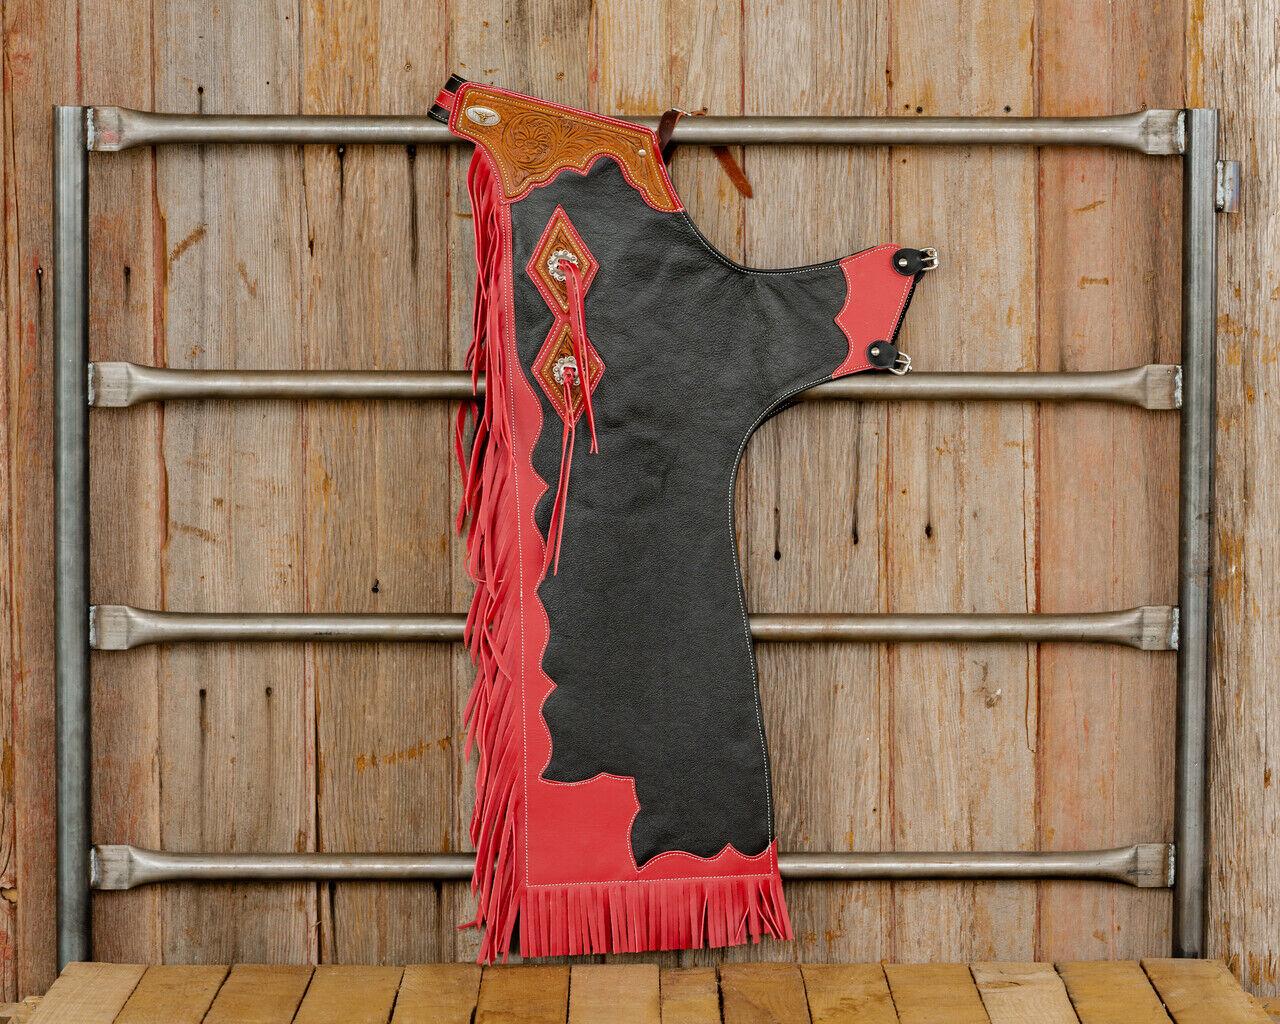 Western Negro Cuero de grano superior Caballo Toro Rodeo Chaps Filigrana que empareja  2005